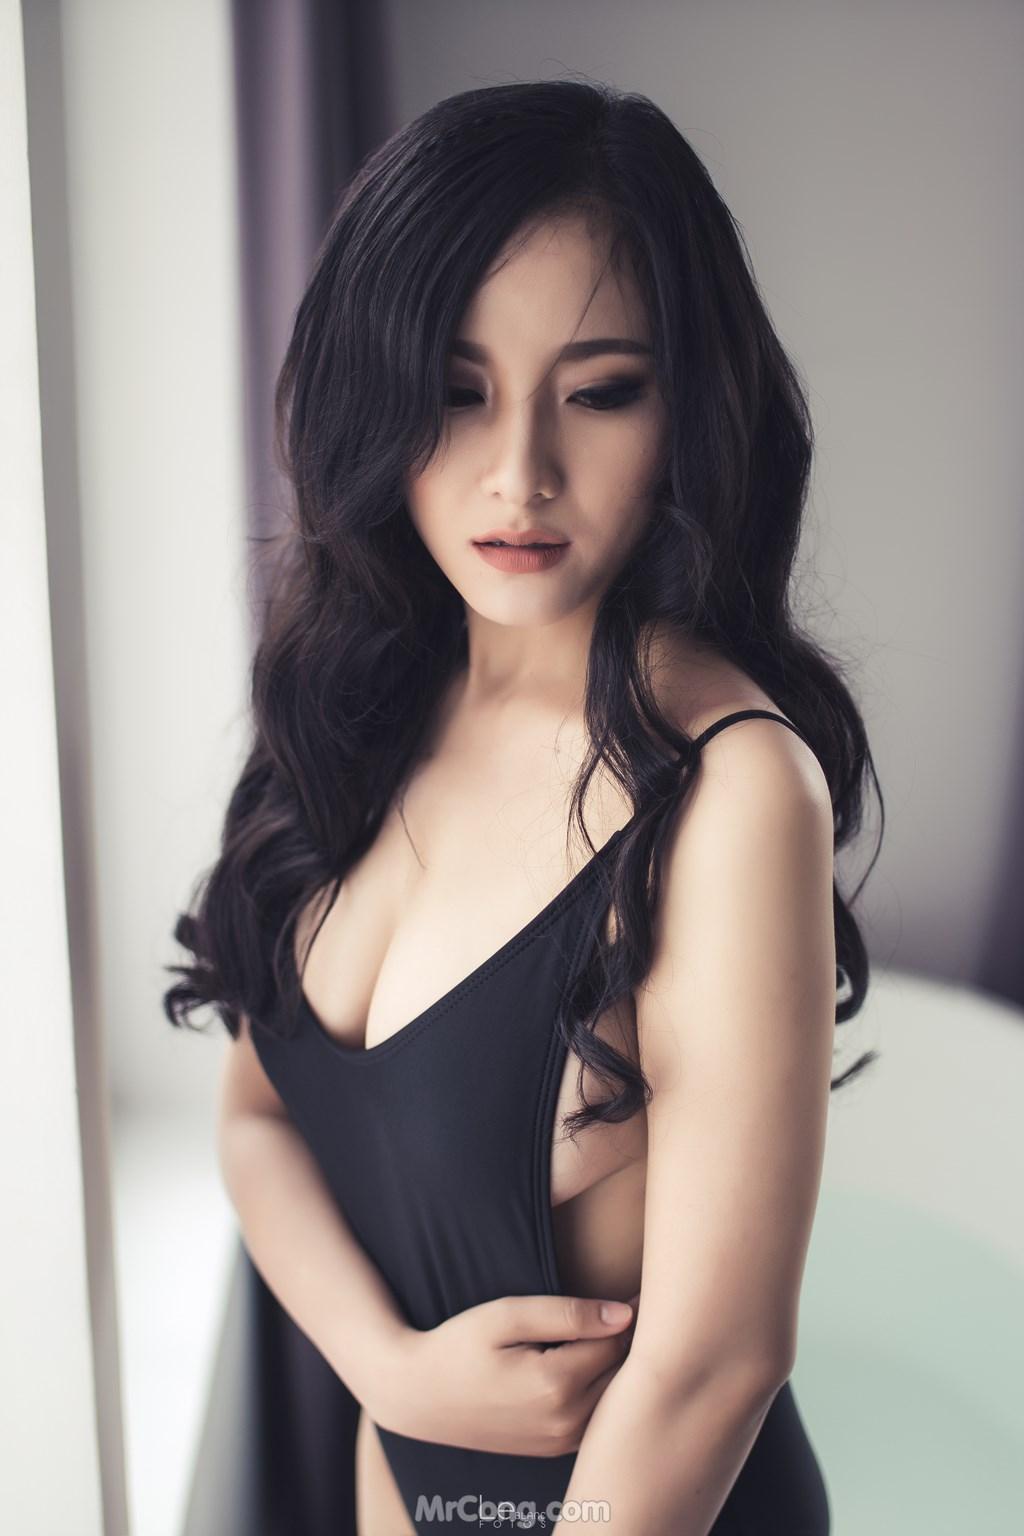 Image Sexy-Vietnamese-Models-by-Le-Blanc-Studio-Phan-3-MrCong.com-018 in post Những bức ảnh nội y, bikini siêu nóng bỏng của Le Blanc Studio – Phần 3 (446 ảnh)